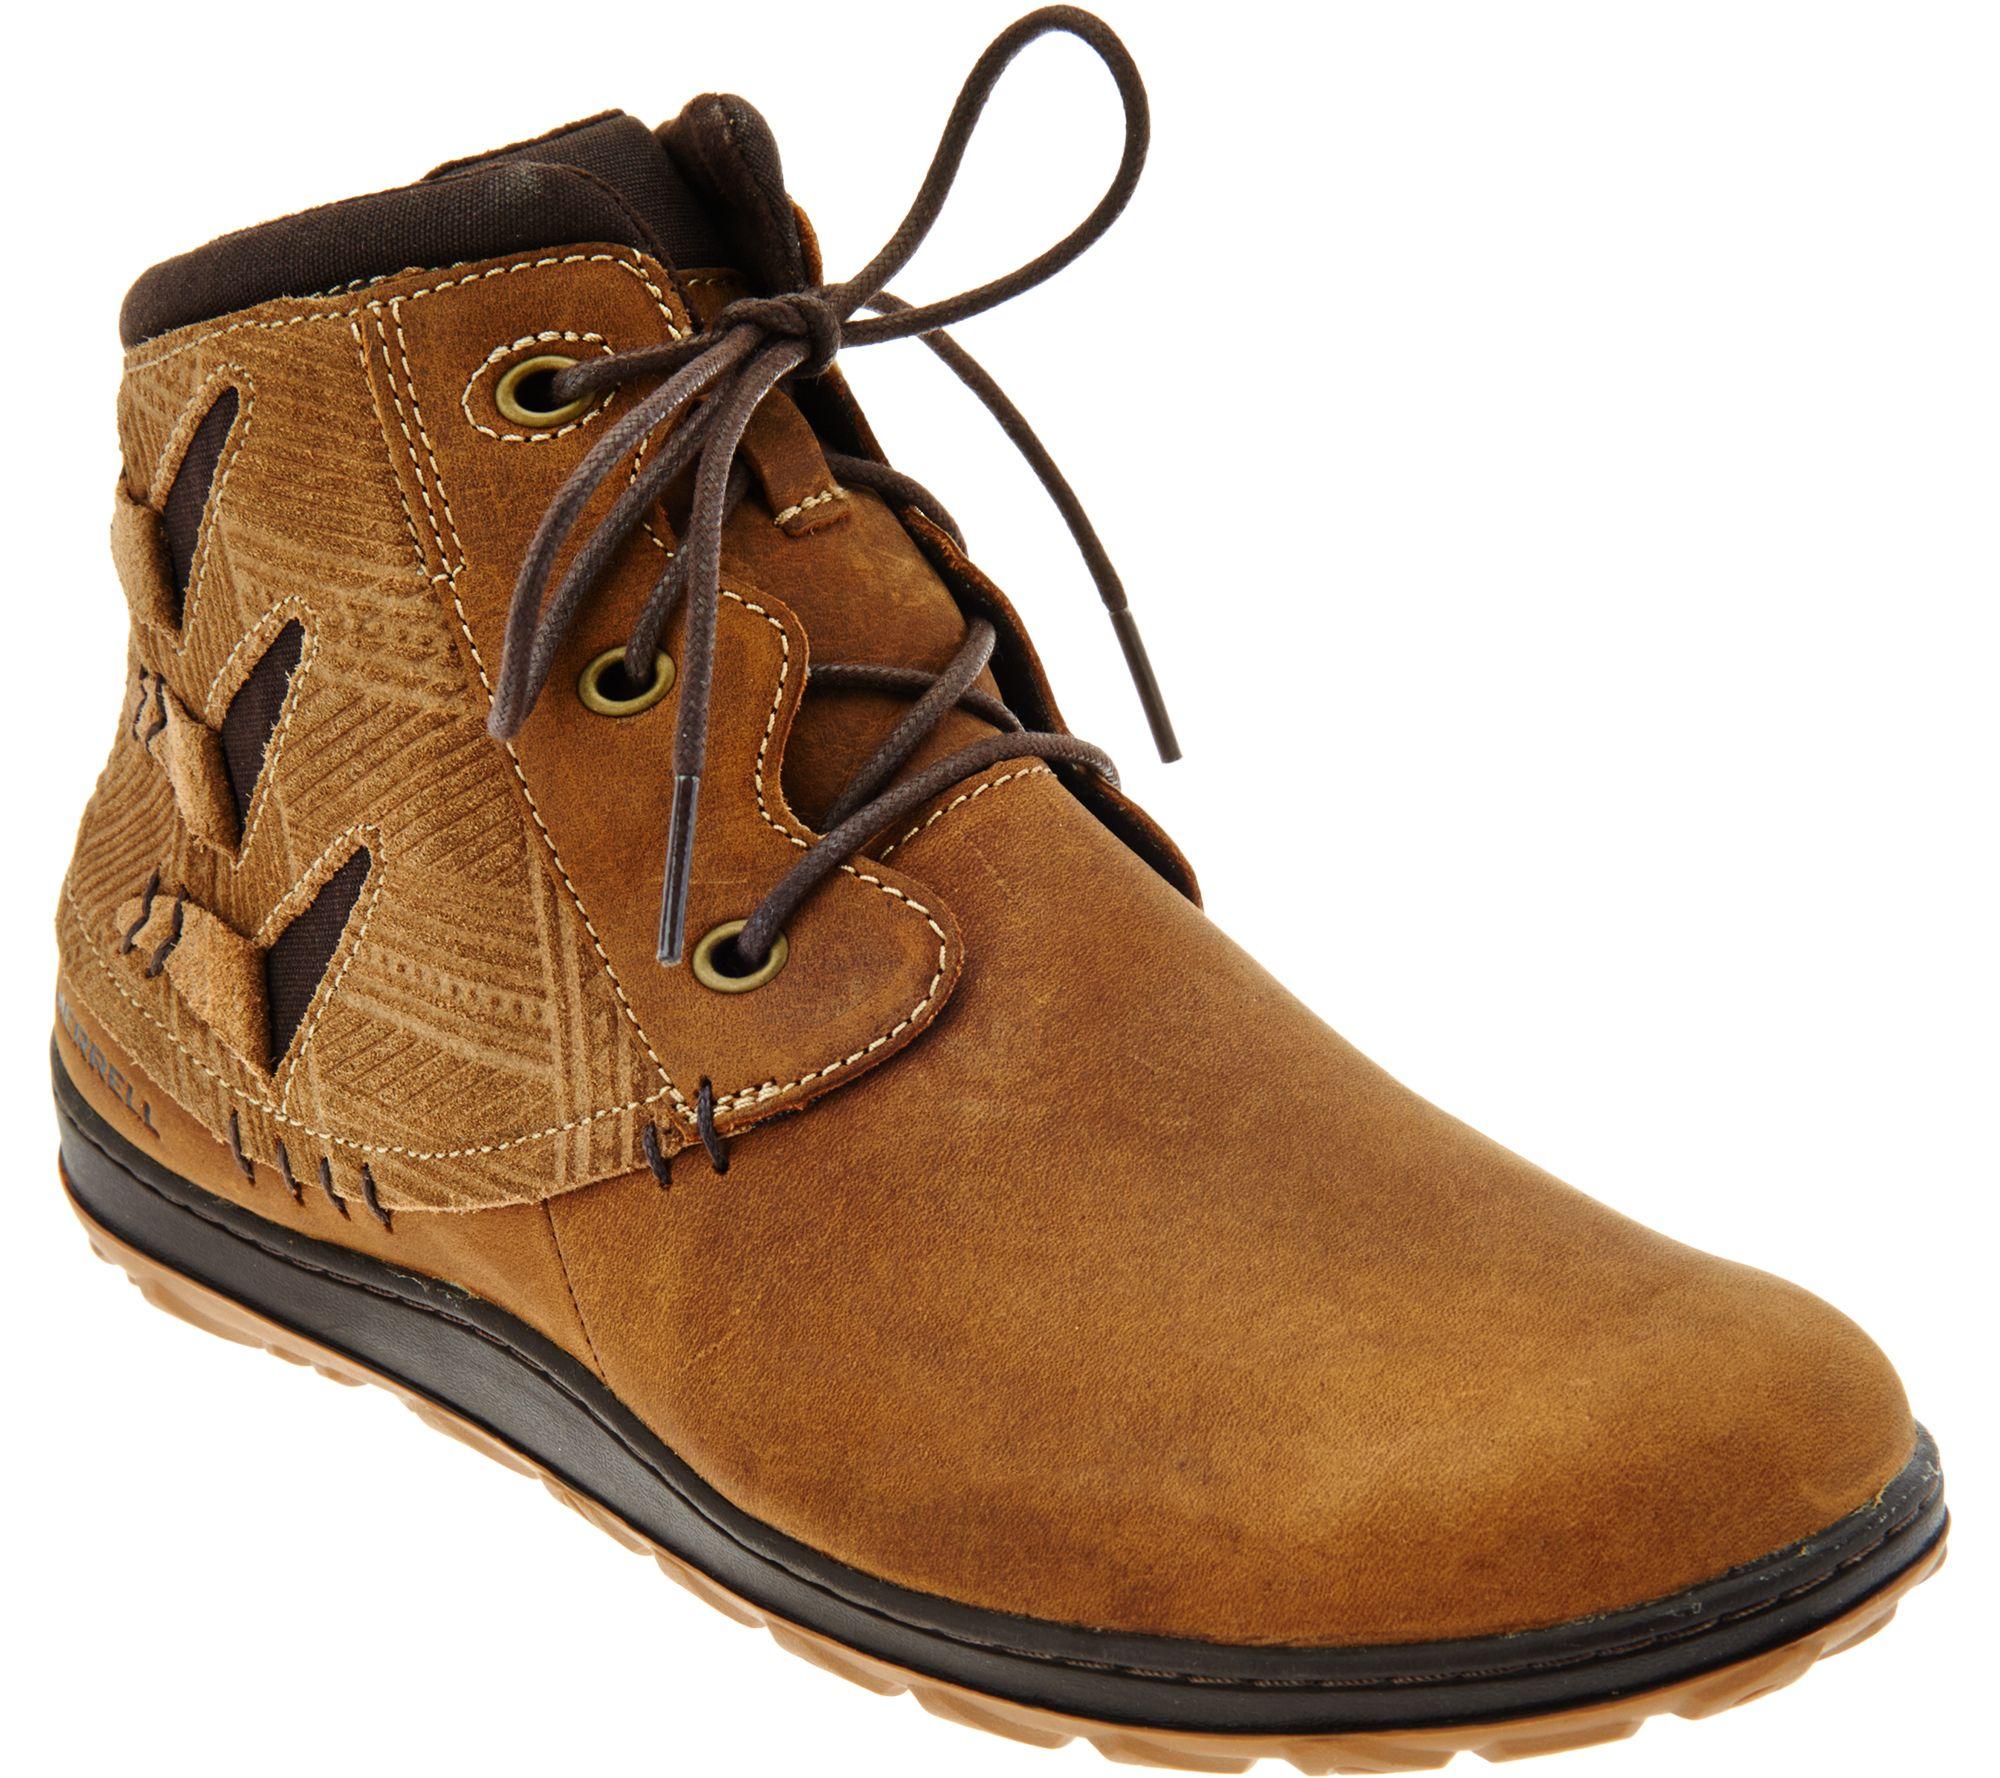 Merrell Womens/Ladies Ashland Vee Ankle Waterproof Leather Boots Descuento últimas colecciones barato 2018 Nuevo 419M1h